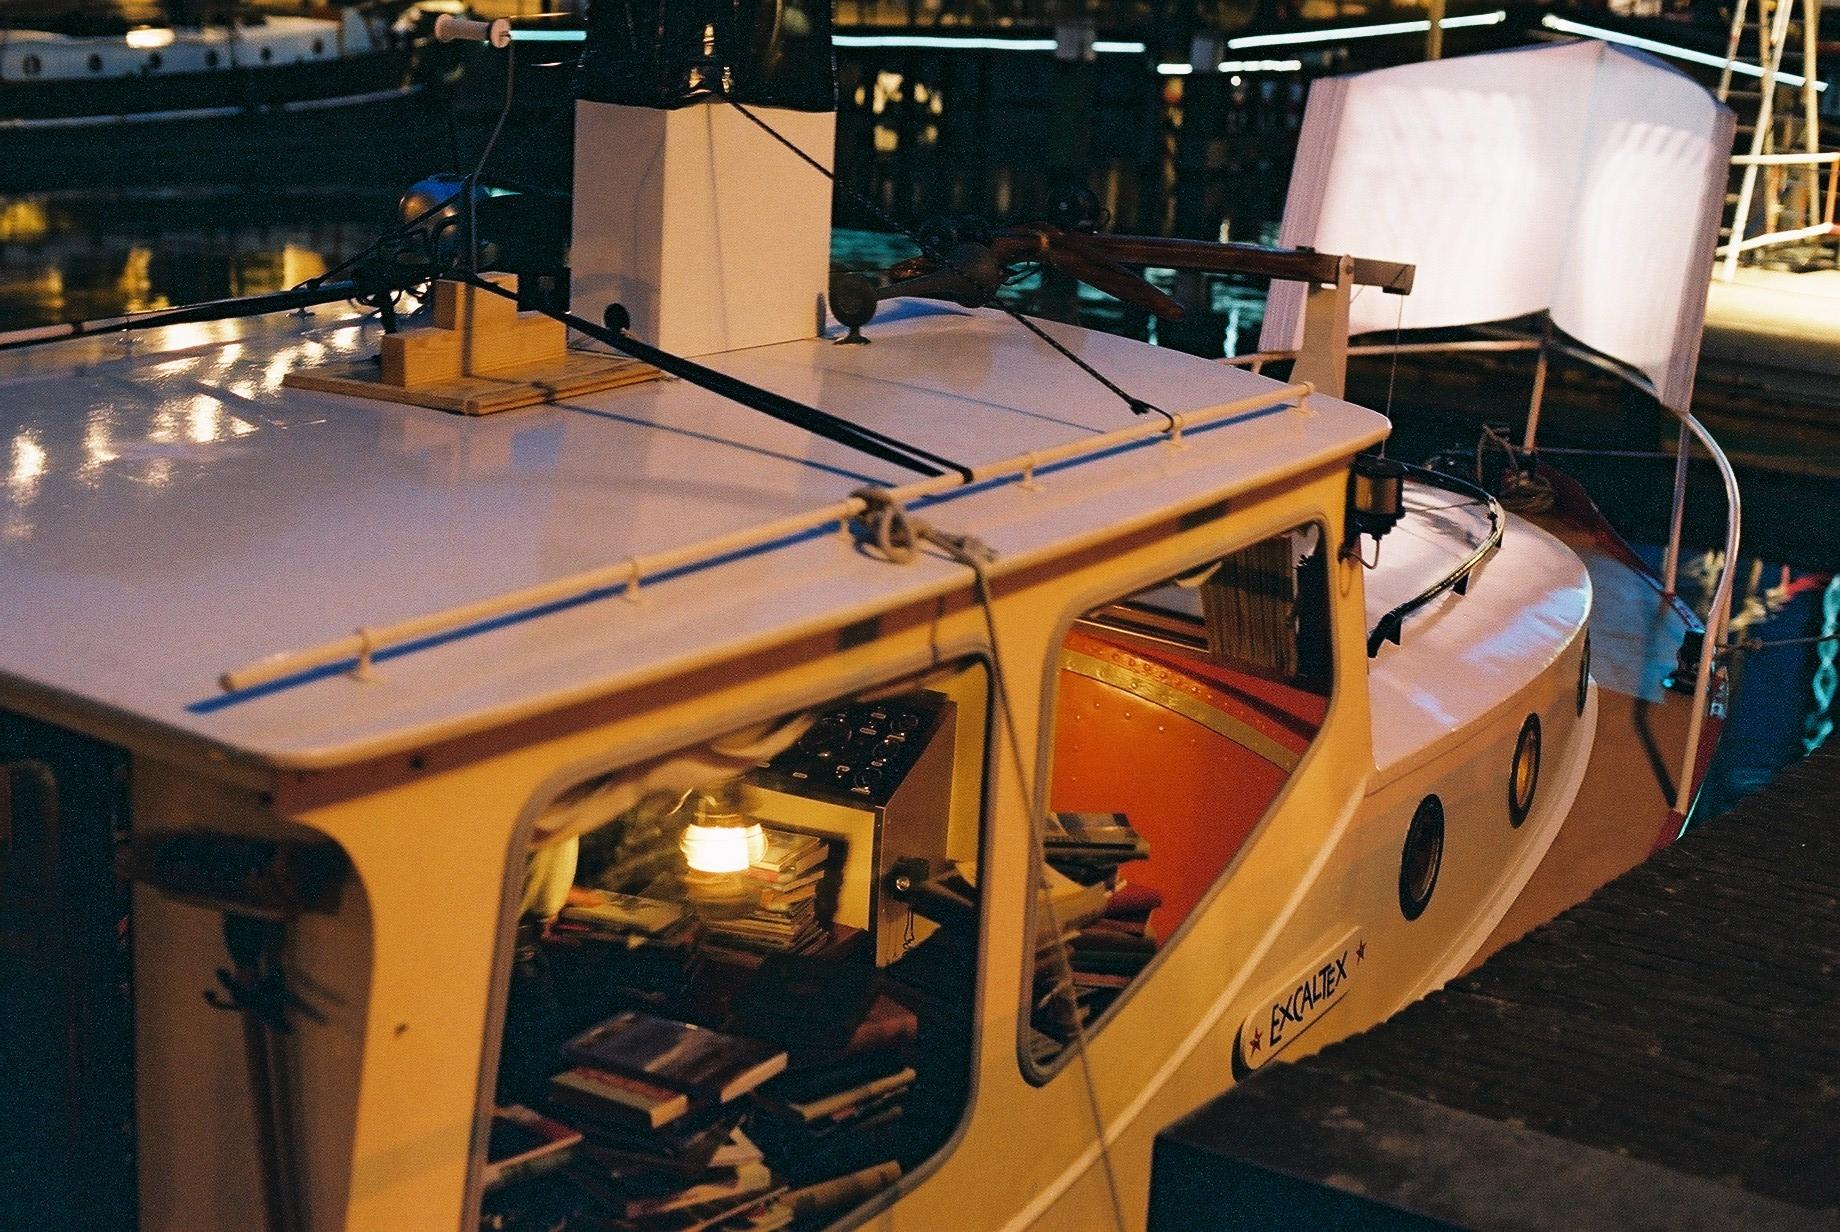 2004-doek 3, i.s.m. Pim van Halem, Lange haven, Schiedam